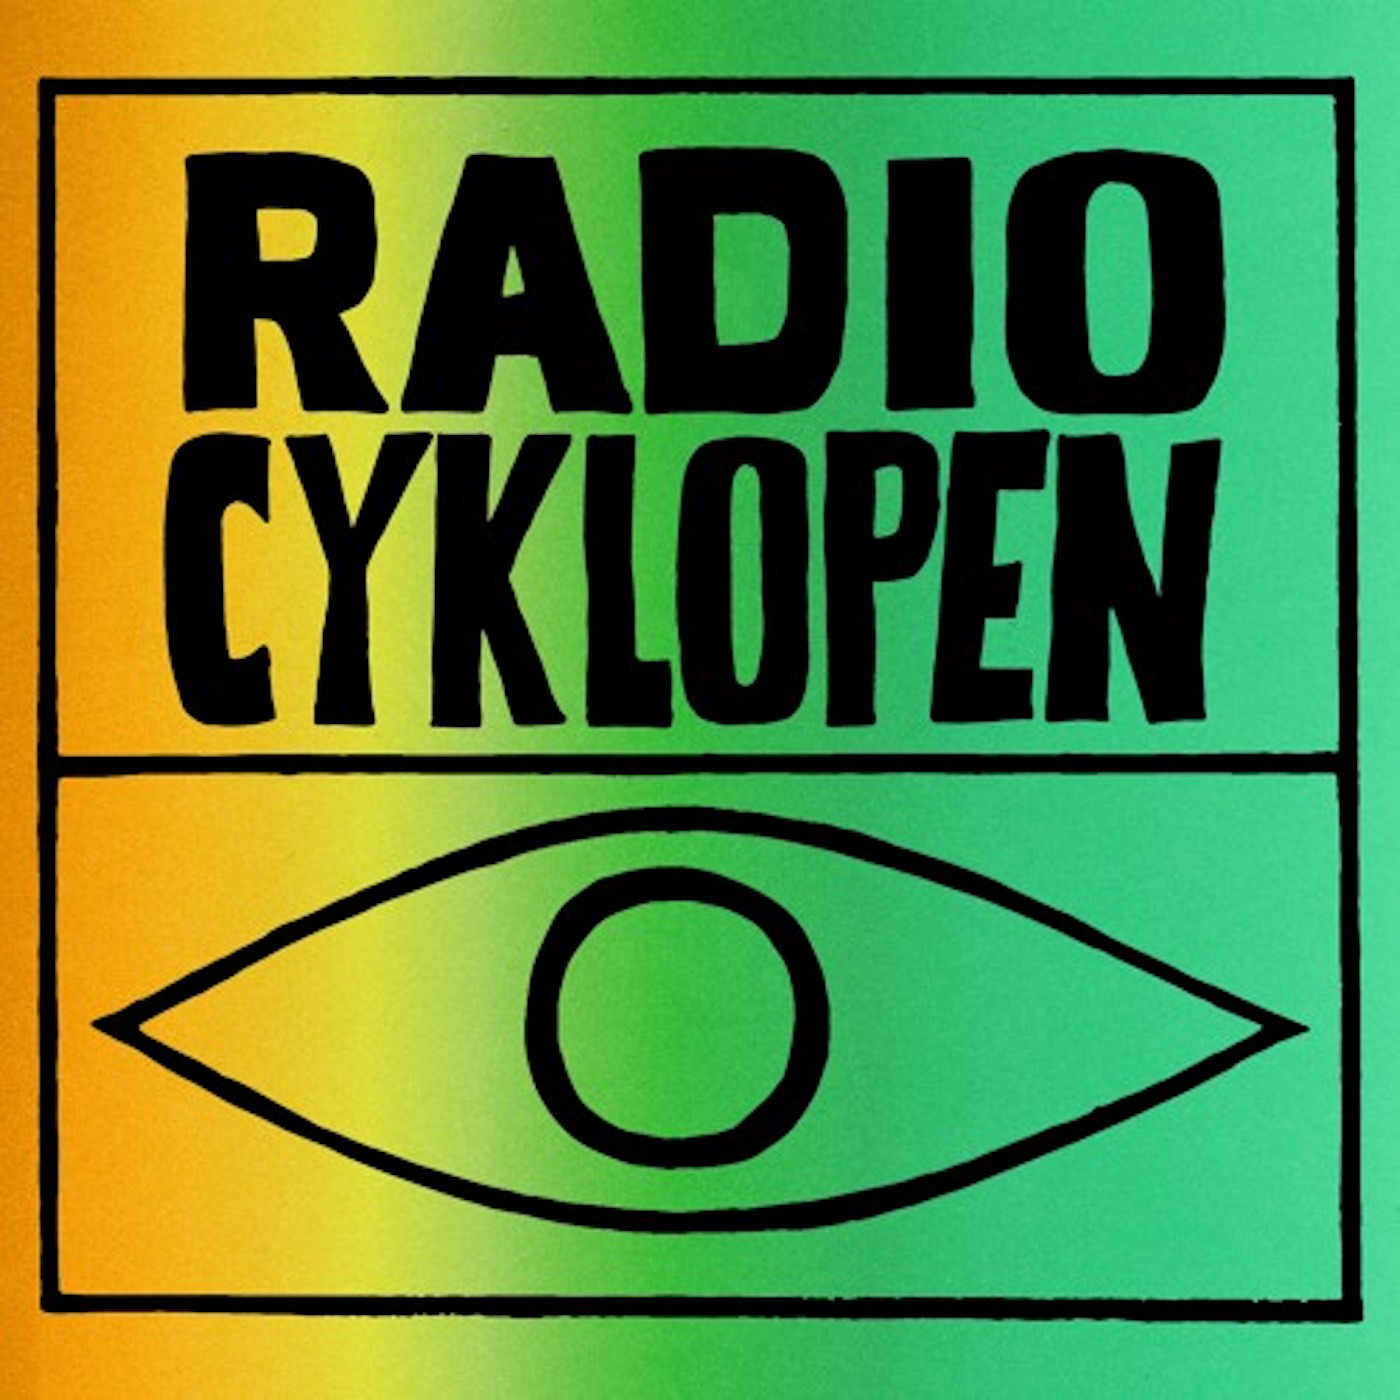 Radio Cyklopen #4: Nyårsfesten